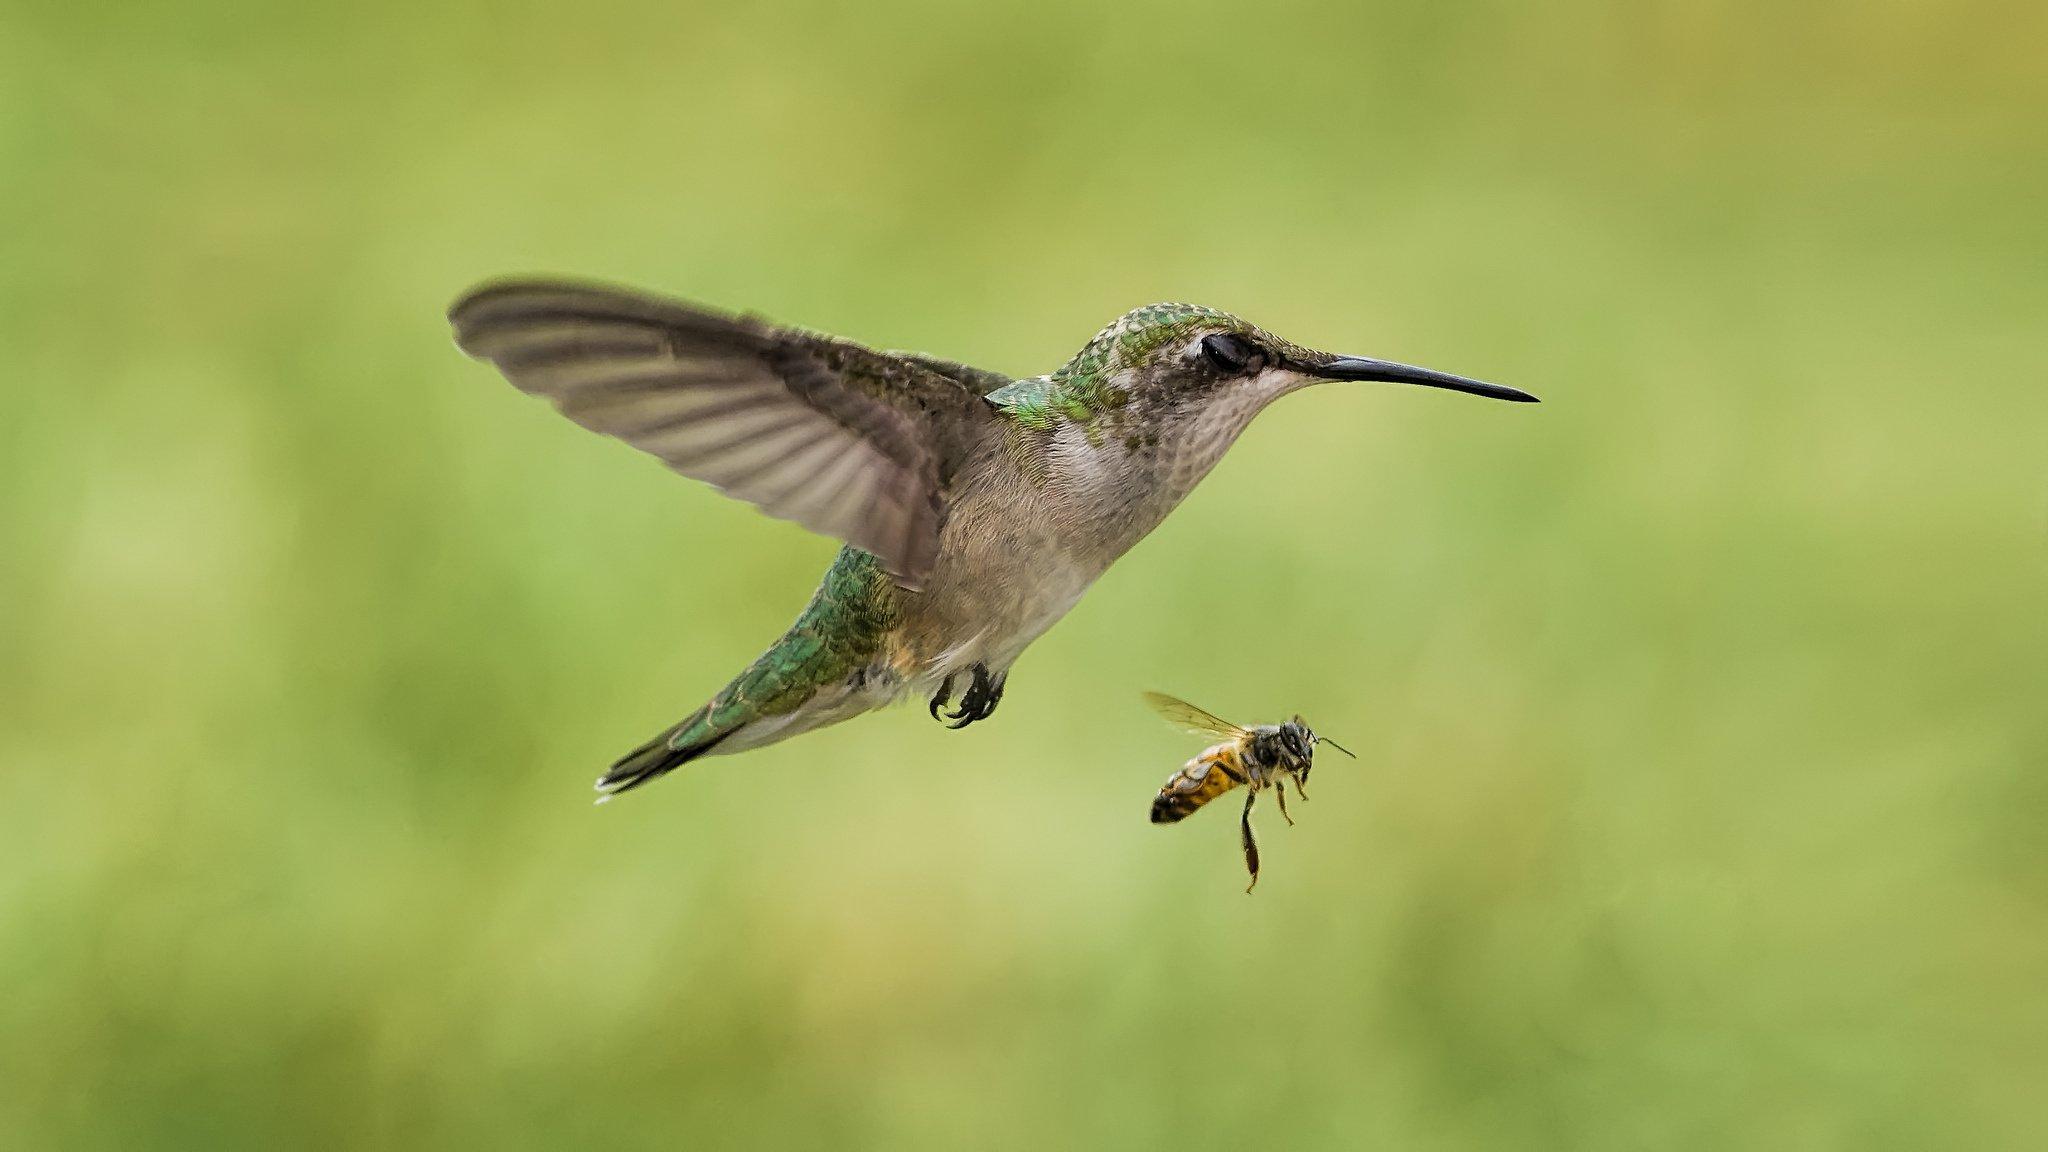 Bee hummingbird flying - photo#10